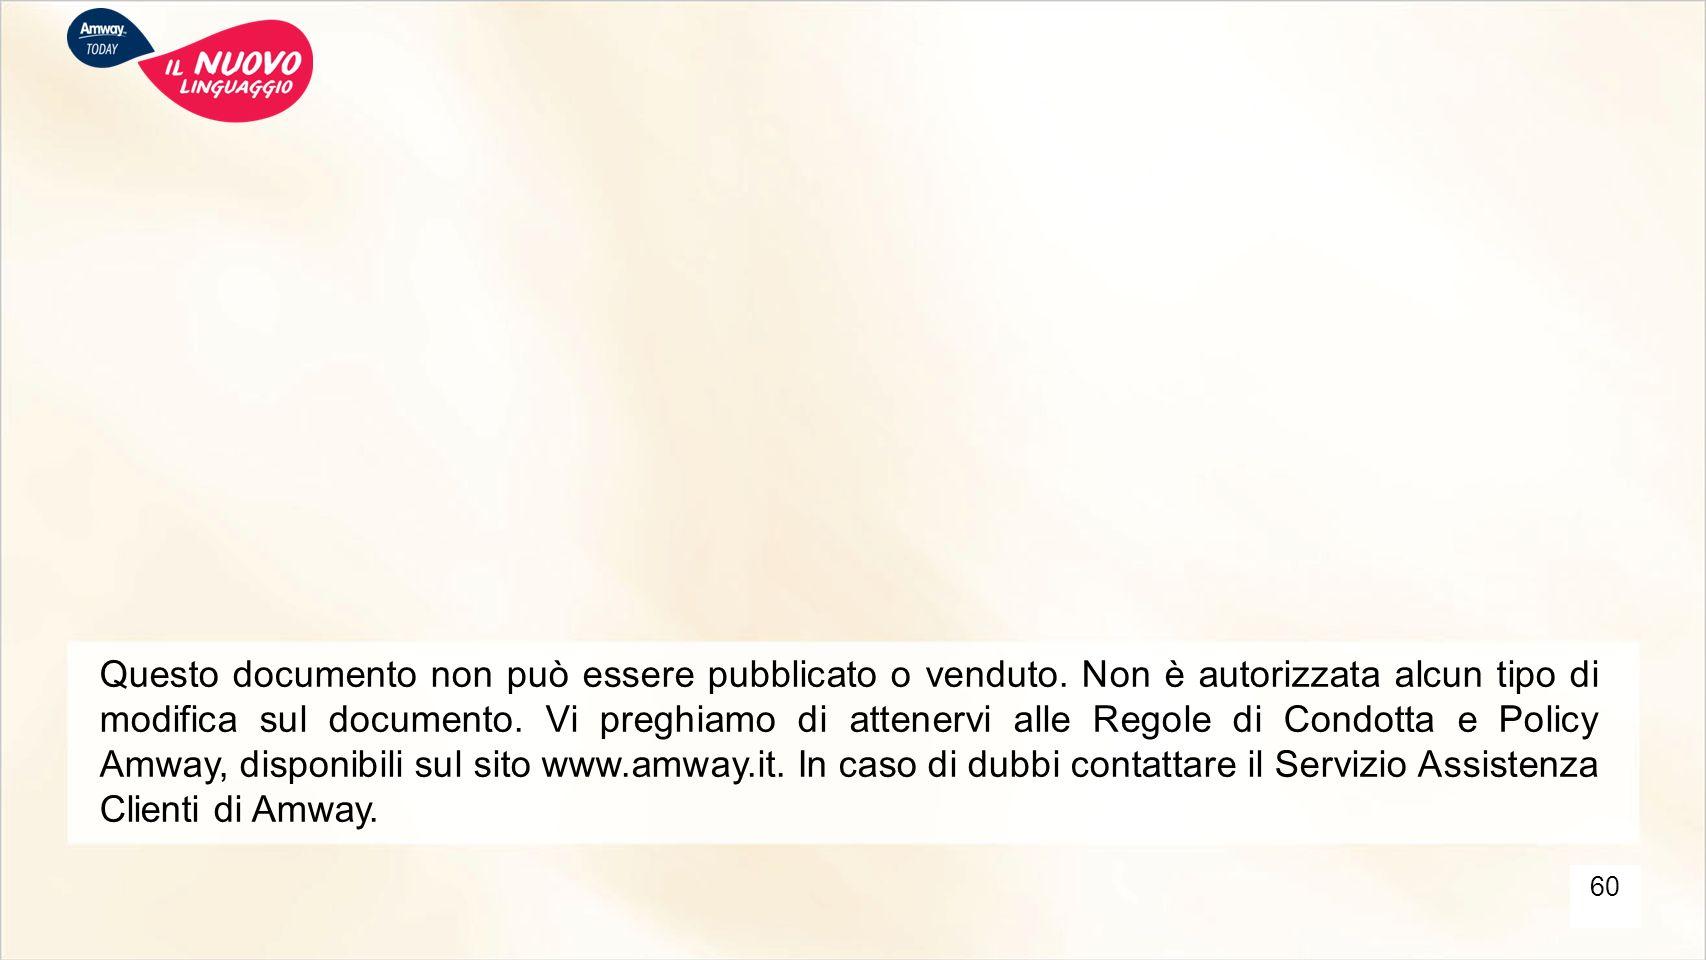 Questo documento non può essere pubblicato o venduto